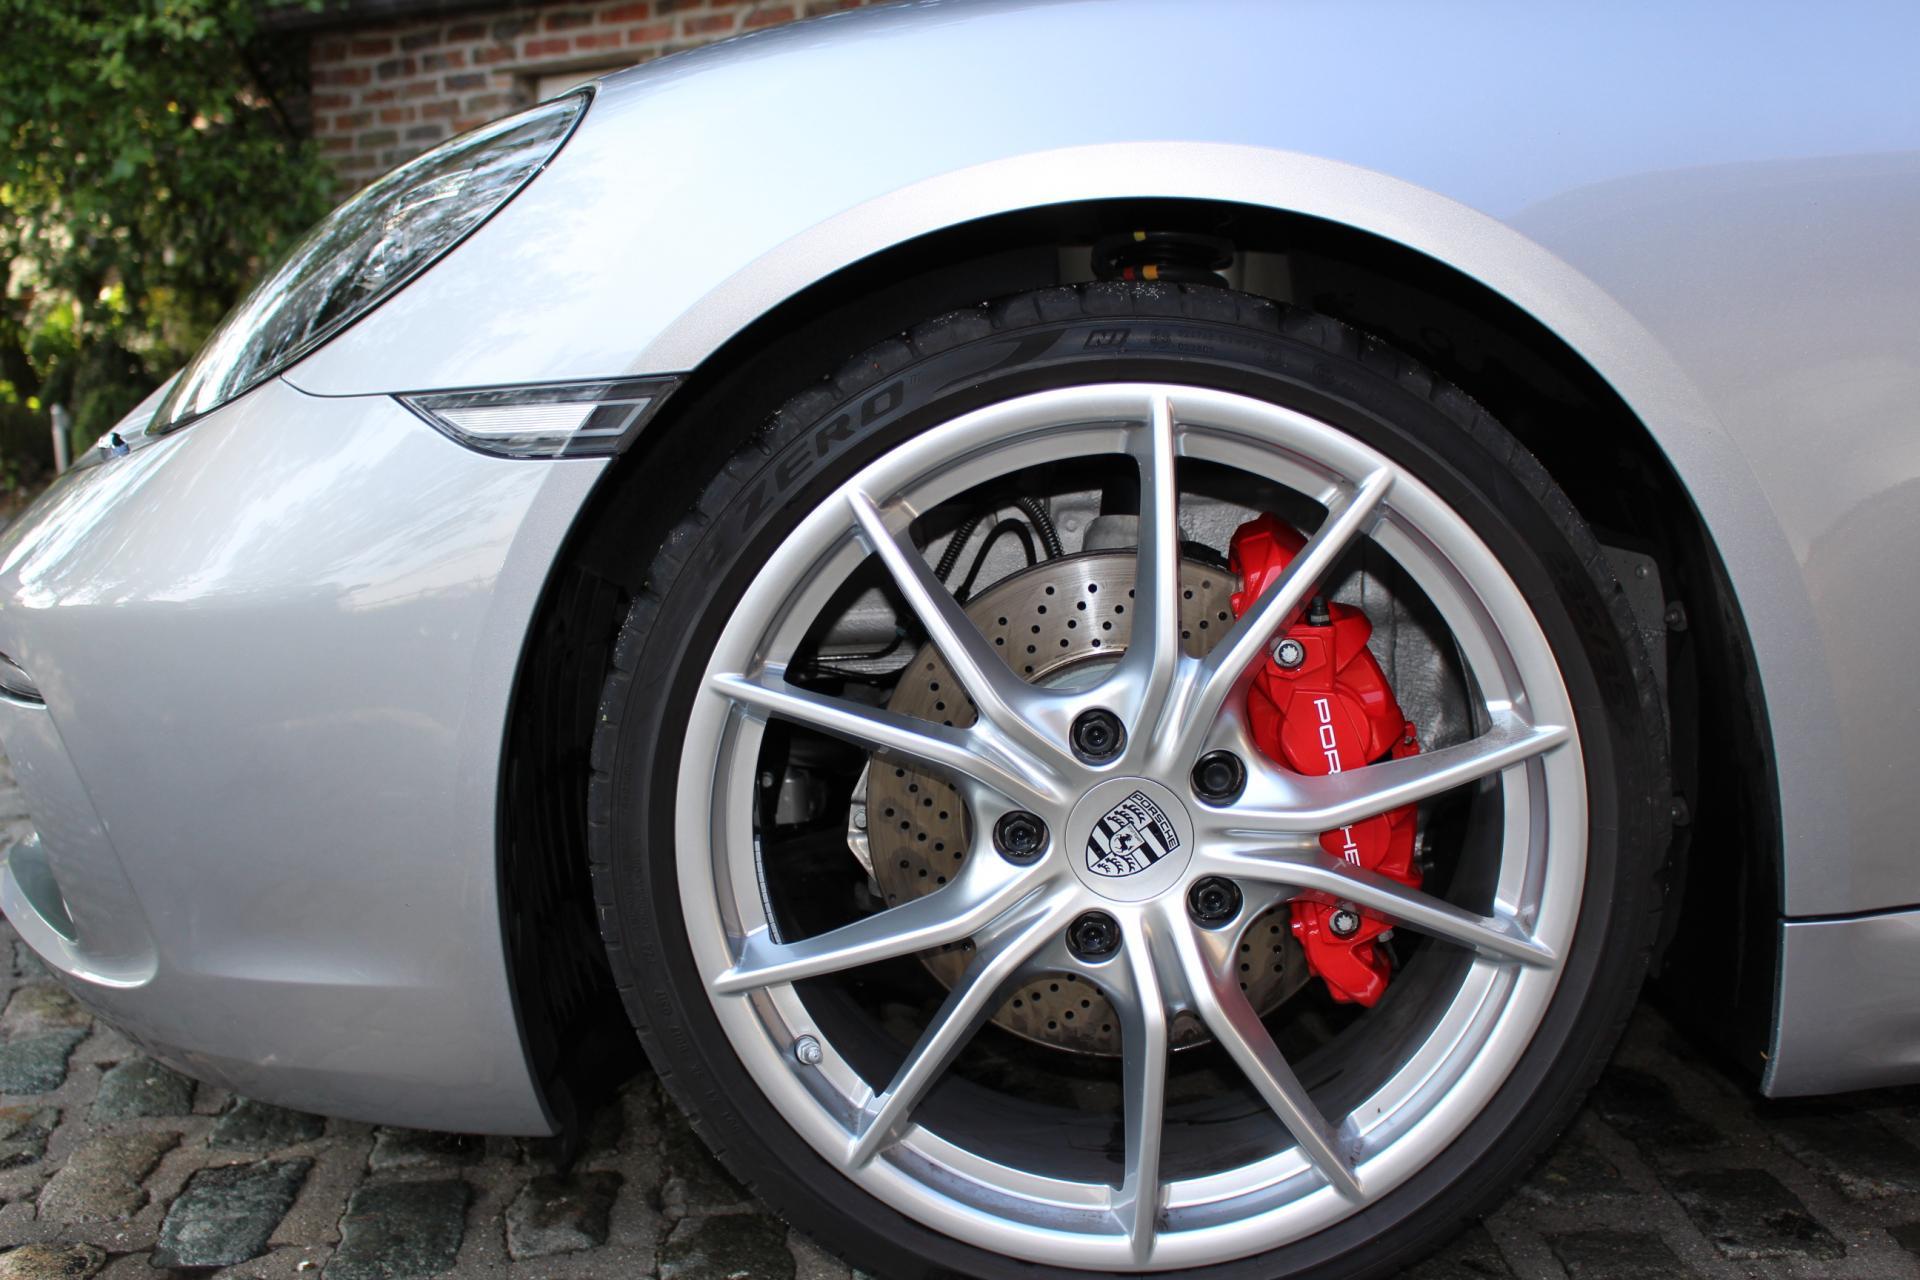 Porsche 718 Boxster S (Boxster)